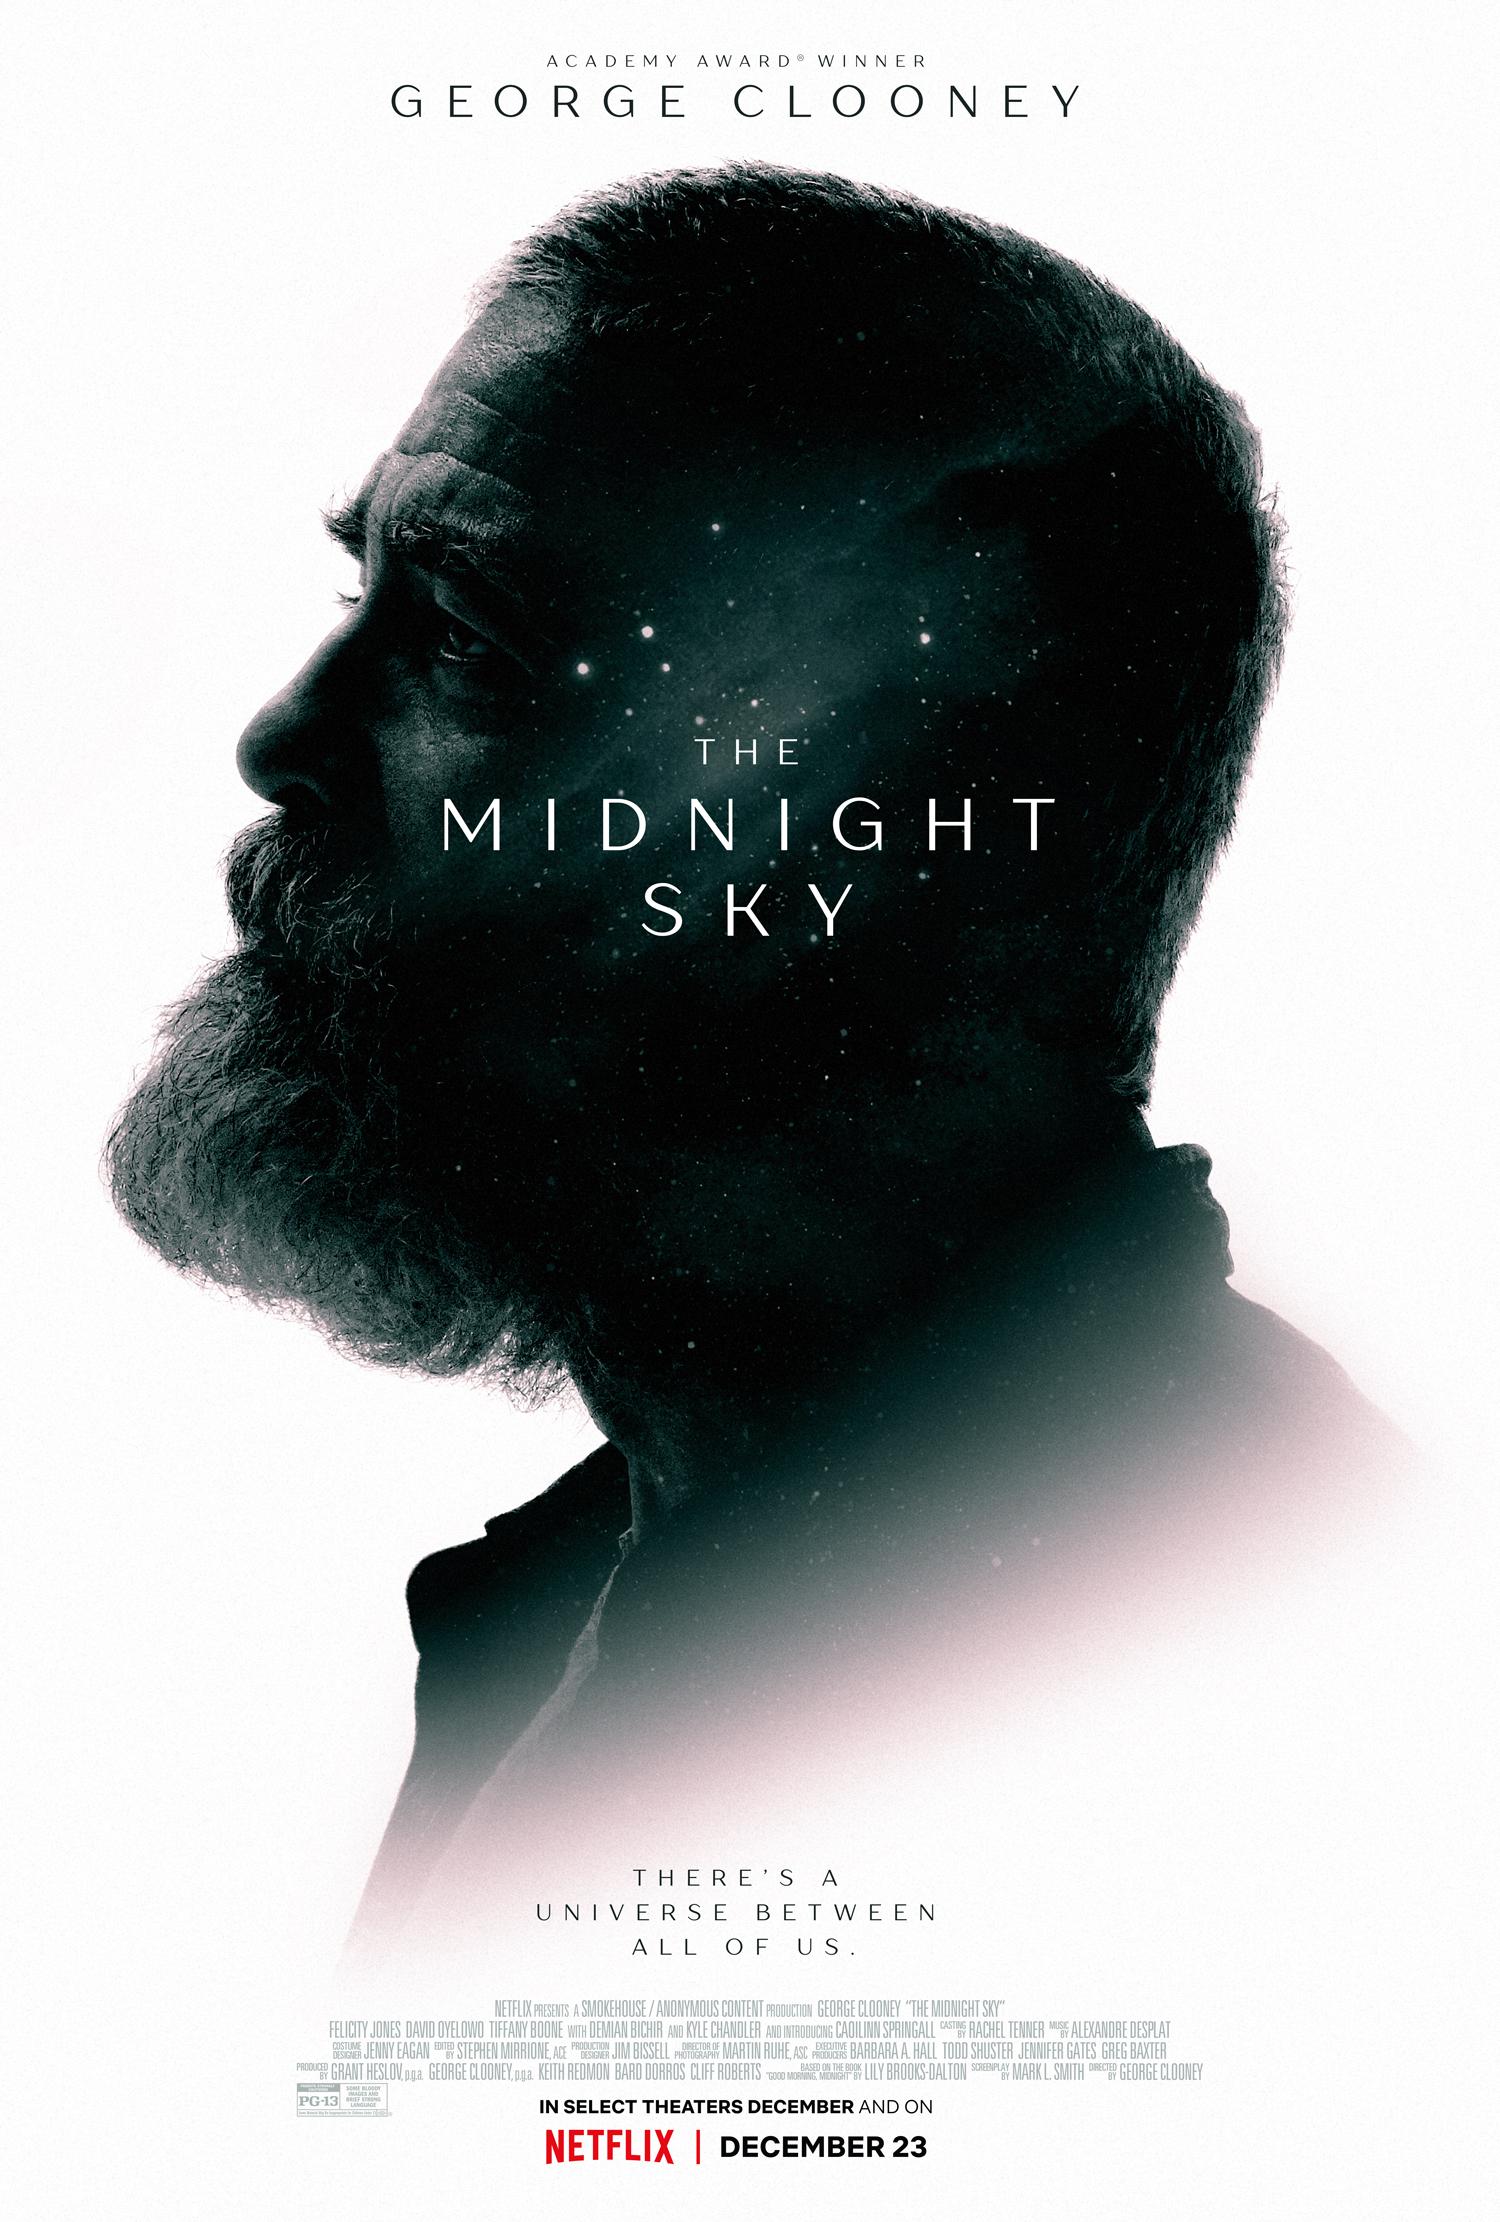 Netflix Aralık 2020 İçeriği Açıklandı - www.dergikafasi.com